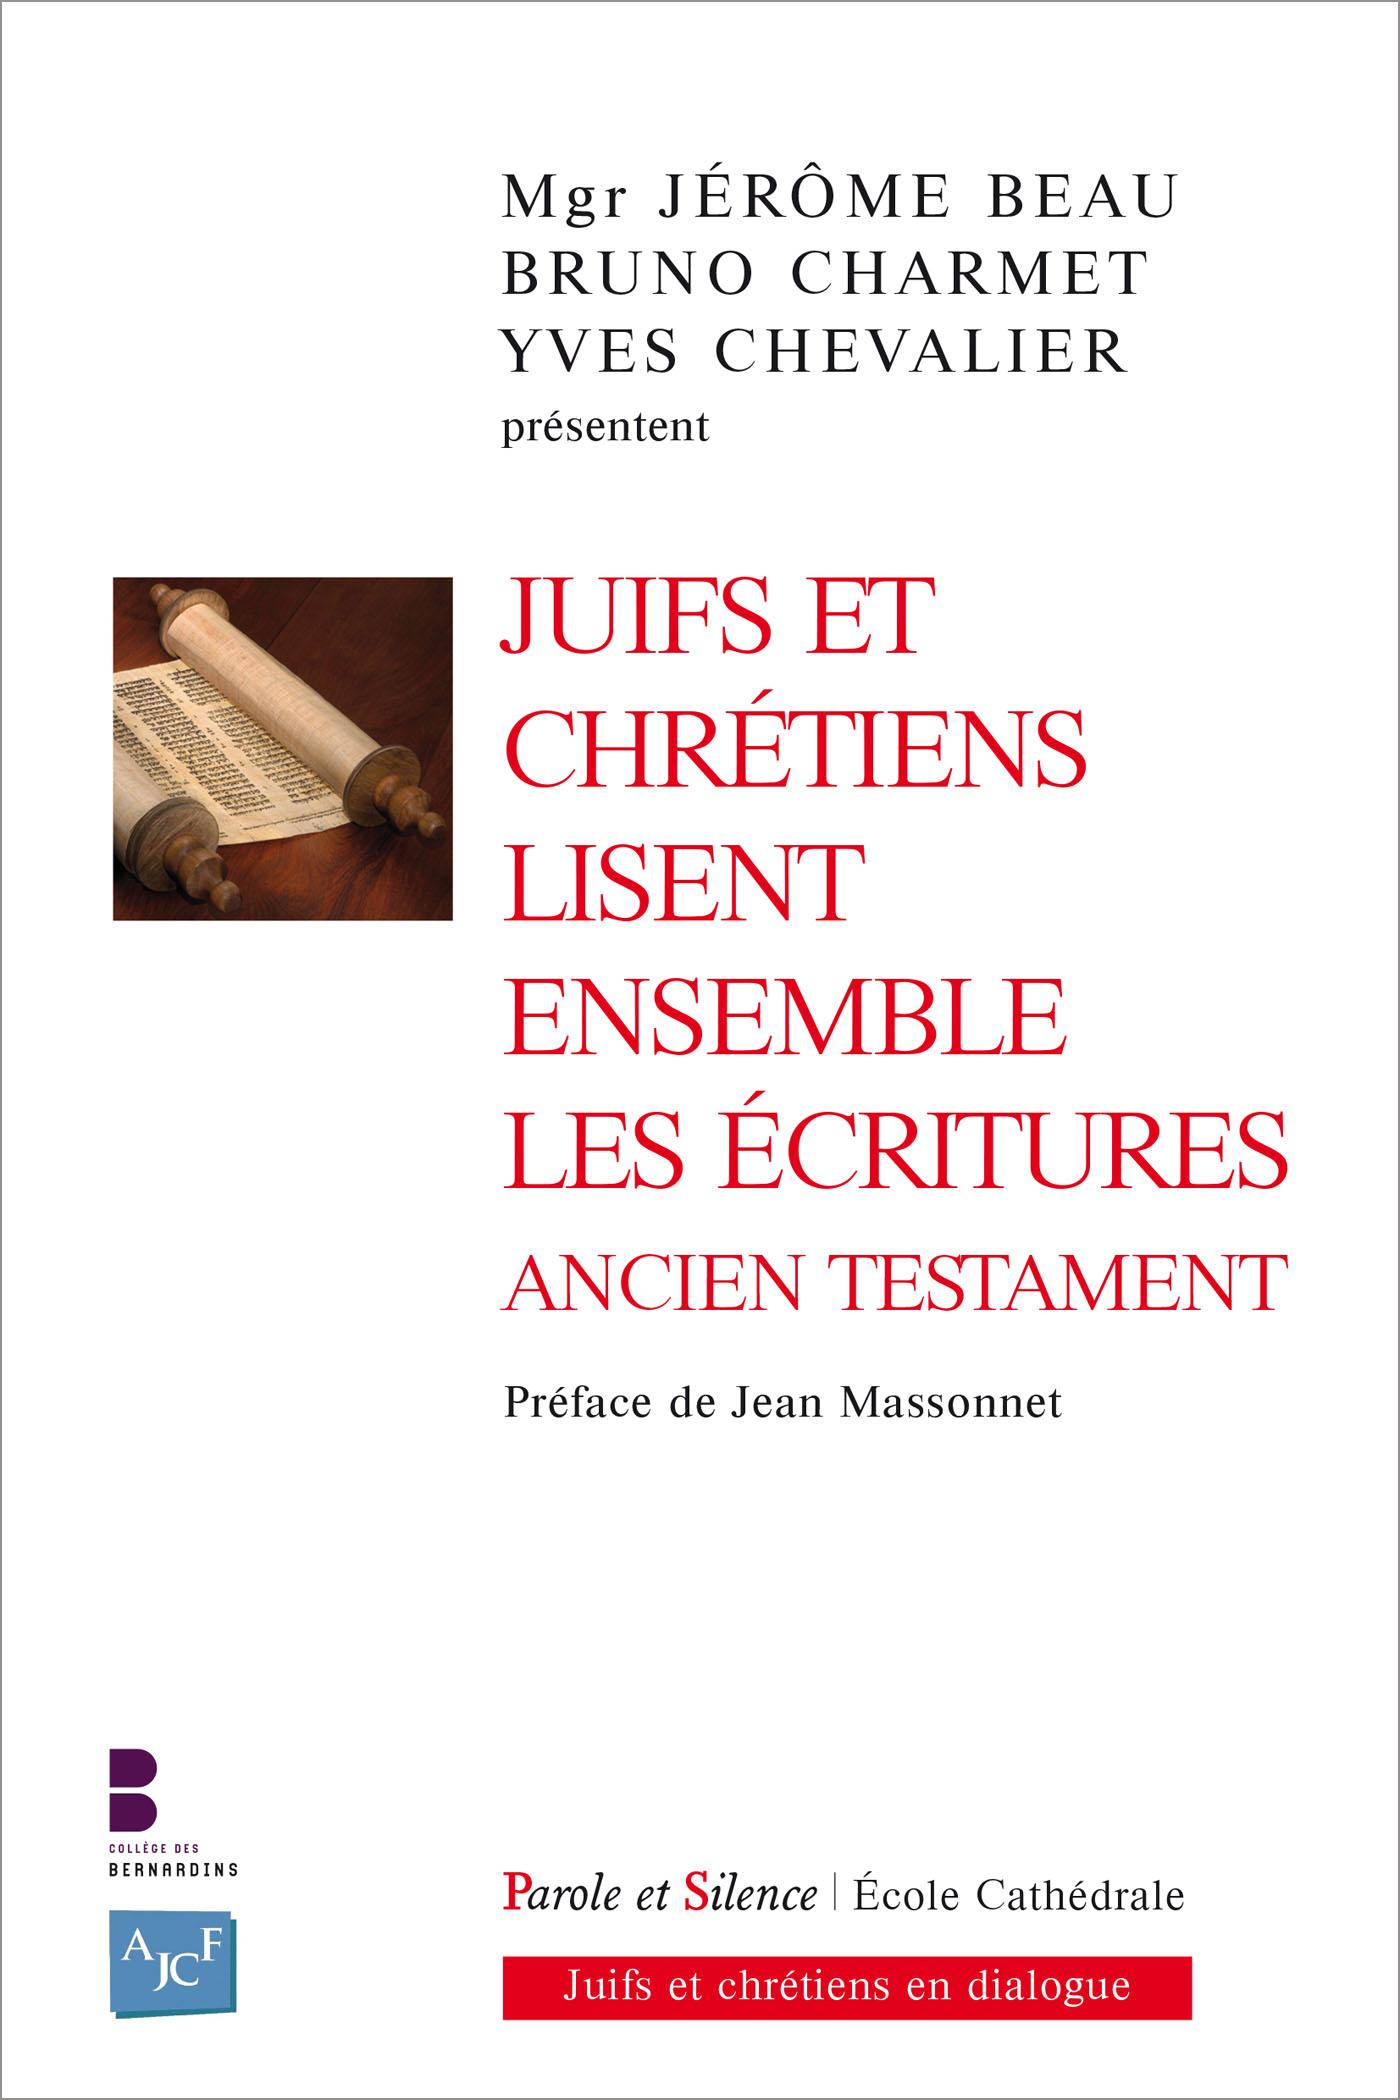 Juifs et chrétiens lisent ensemble les Écritures - Ancien Testament